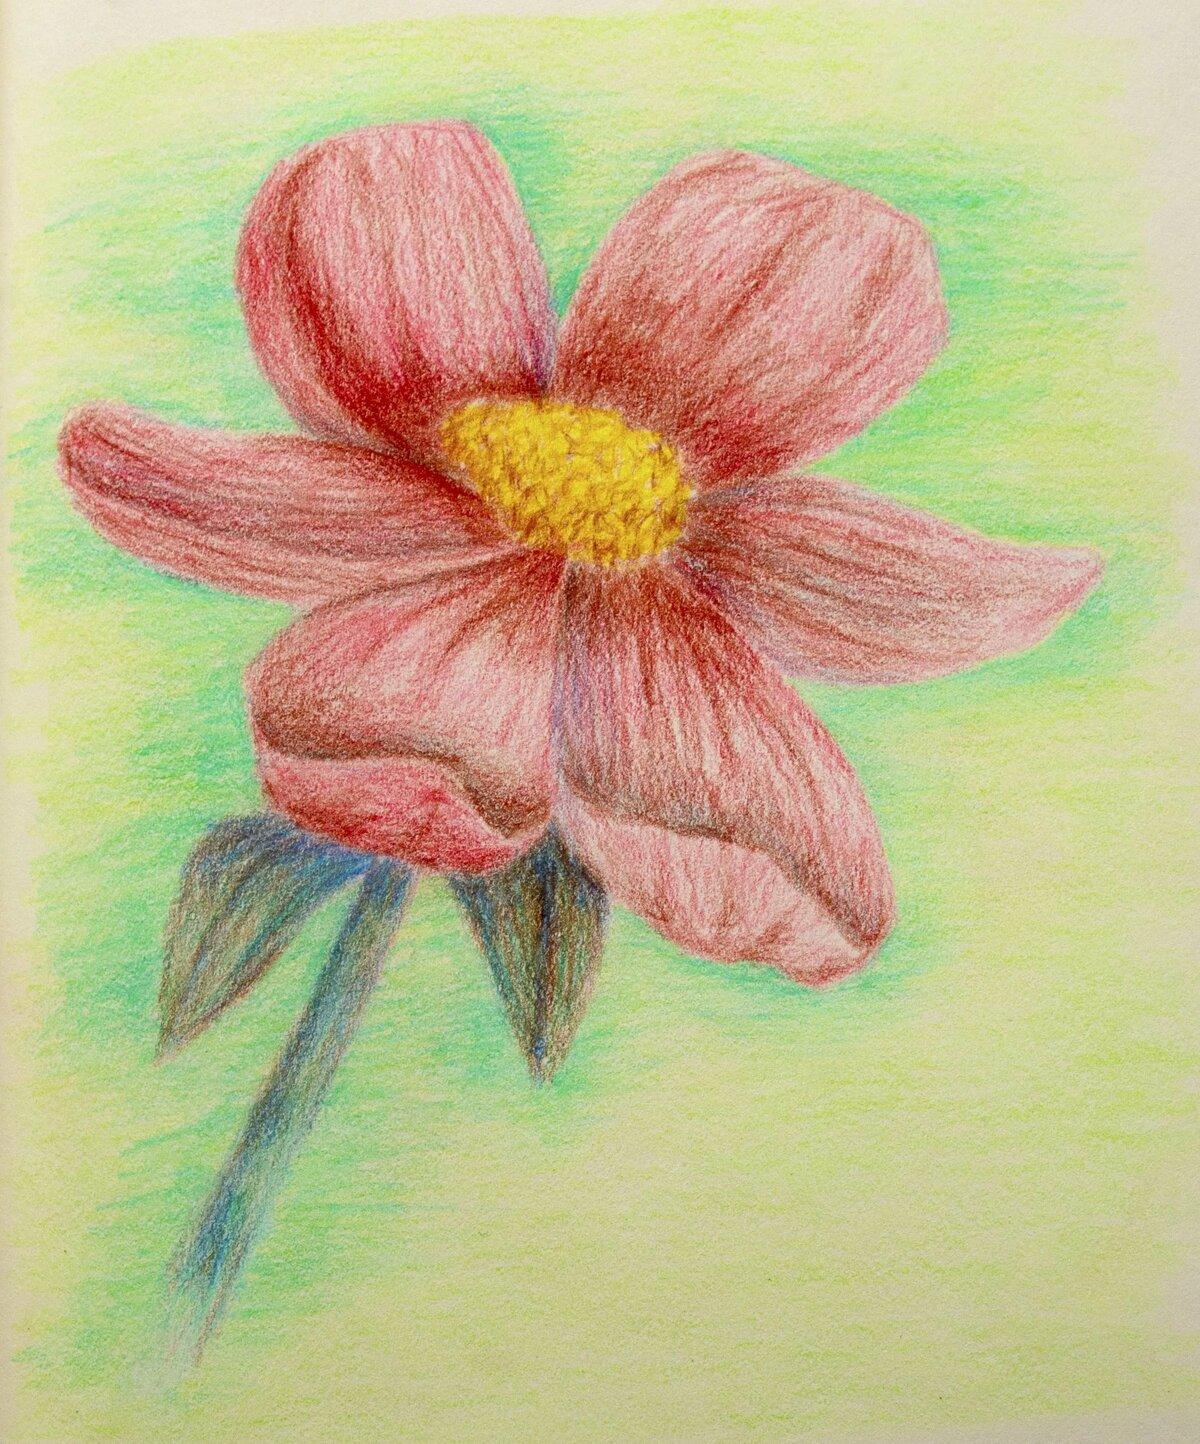 рисунки цветными карандашами фото пошагово своими фотографиями сети